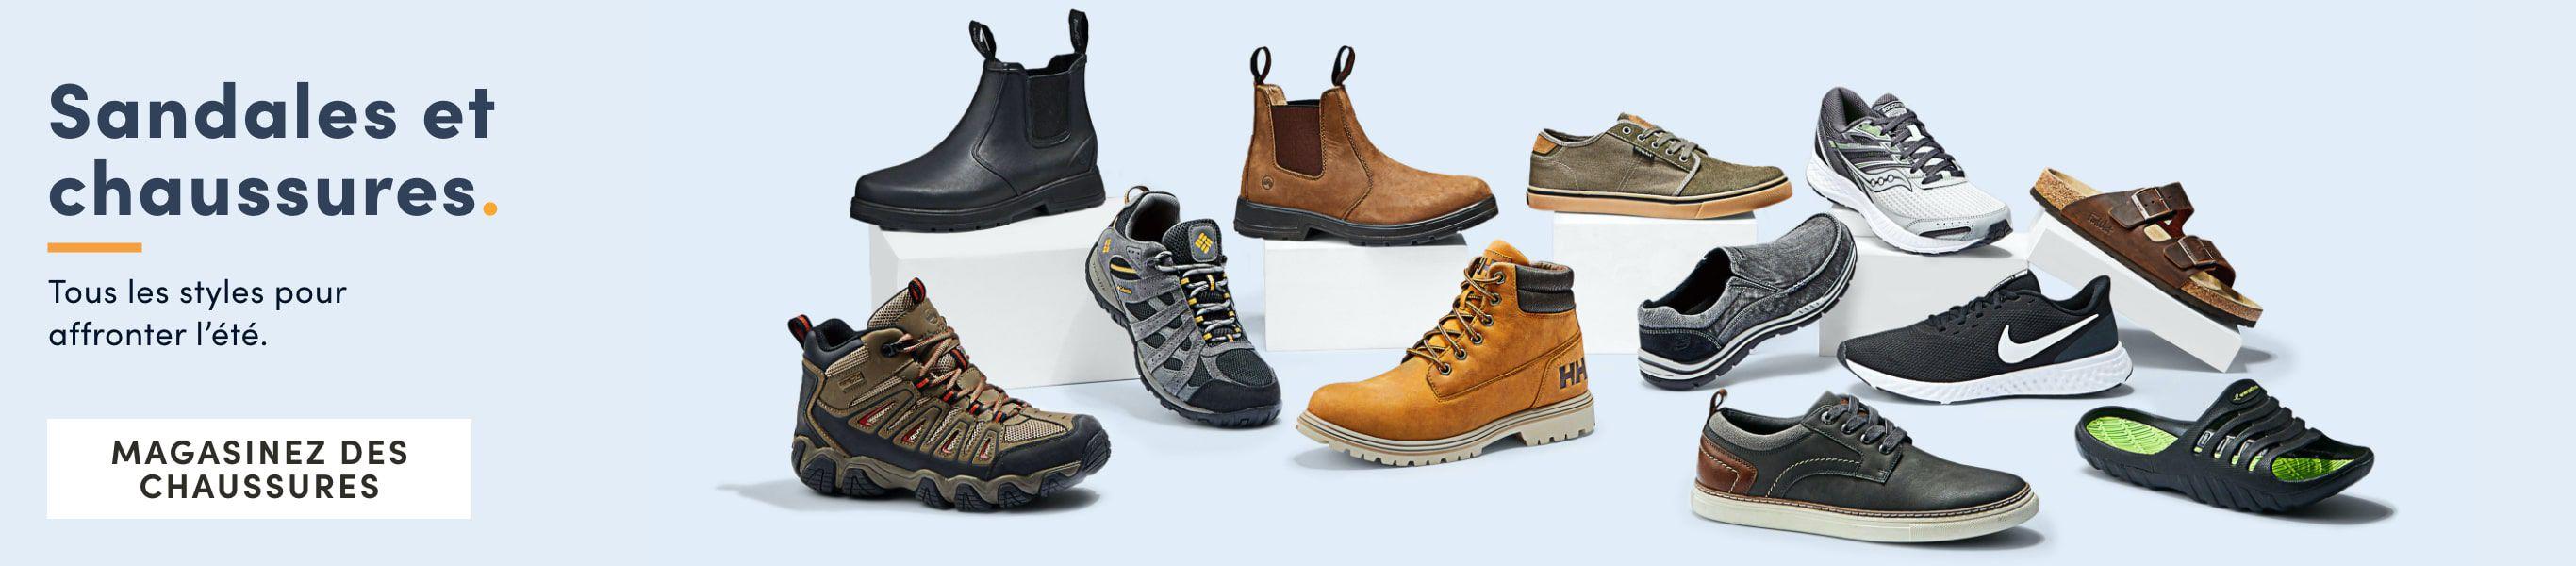 Magasinez des Chaussures et sandales